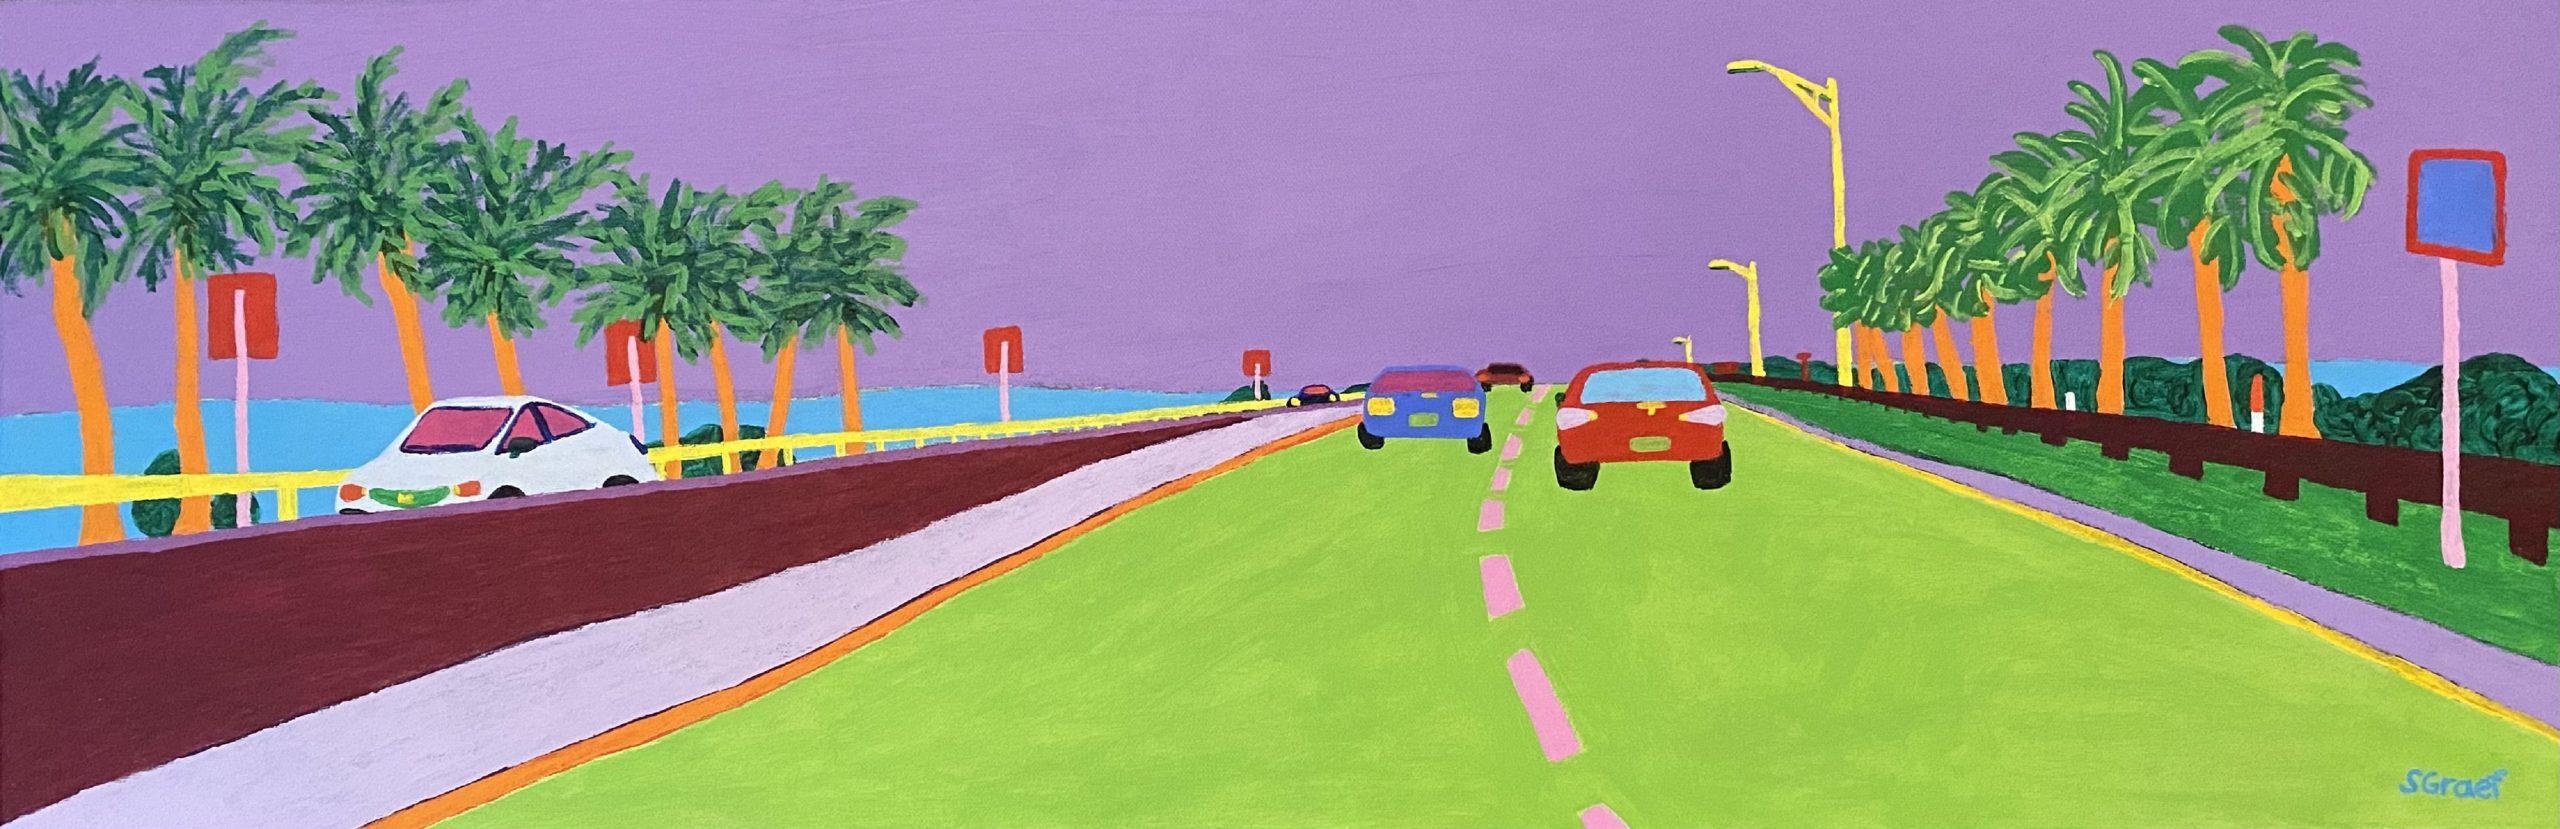 CausewayFromTampa12x36.jpg